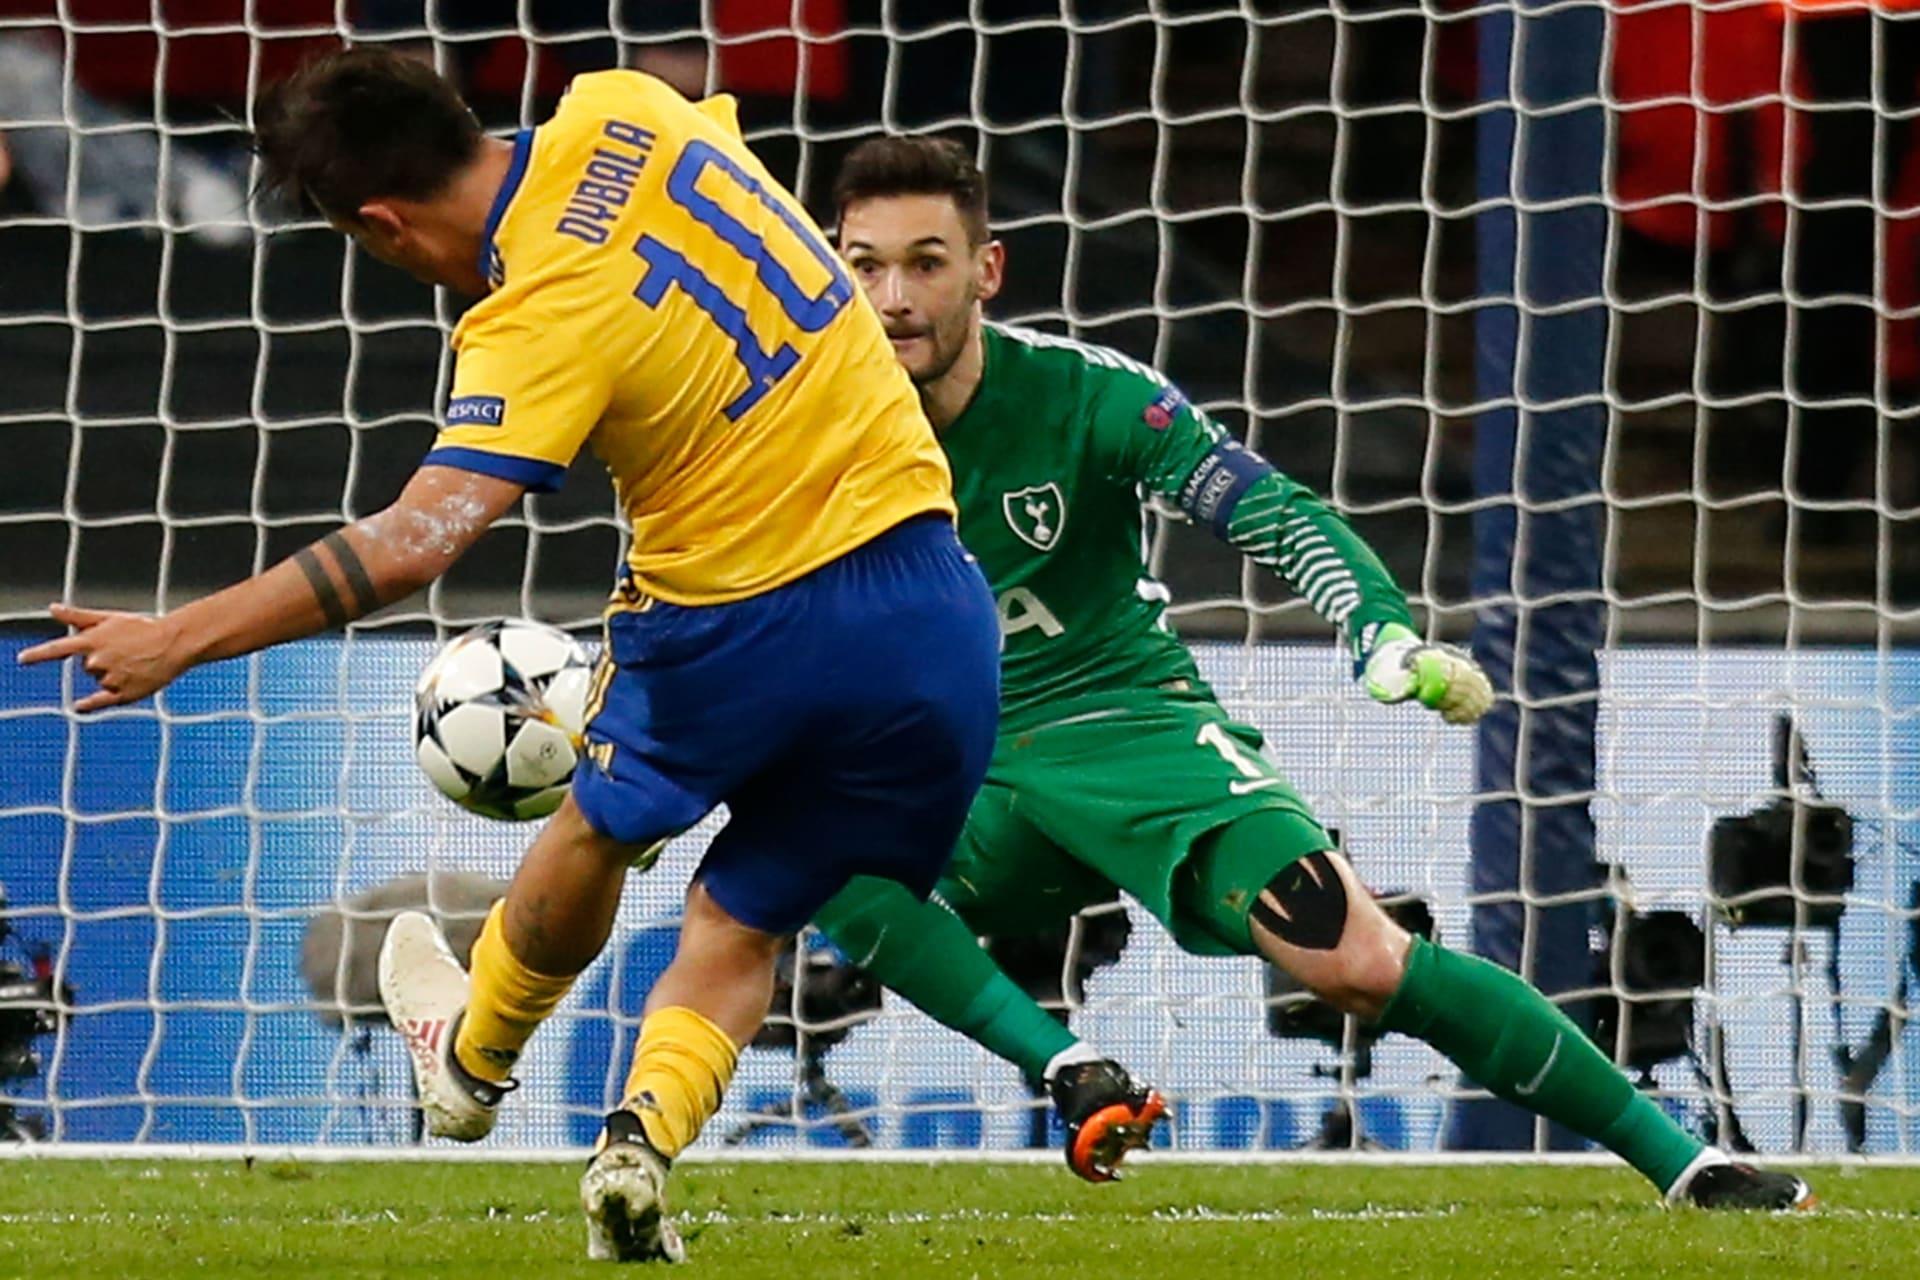 يوفنتوس ومانشستر سيتي يلحقان بريال مدريد وليفربول إلى ربع النهائي